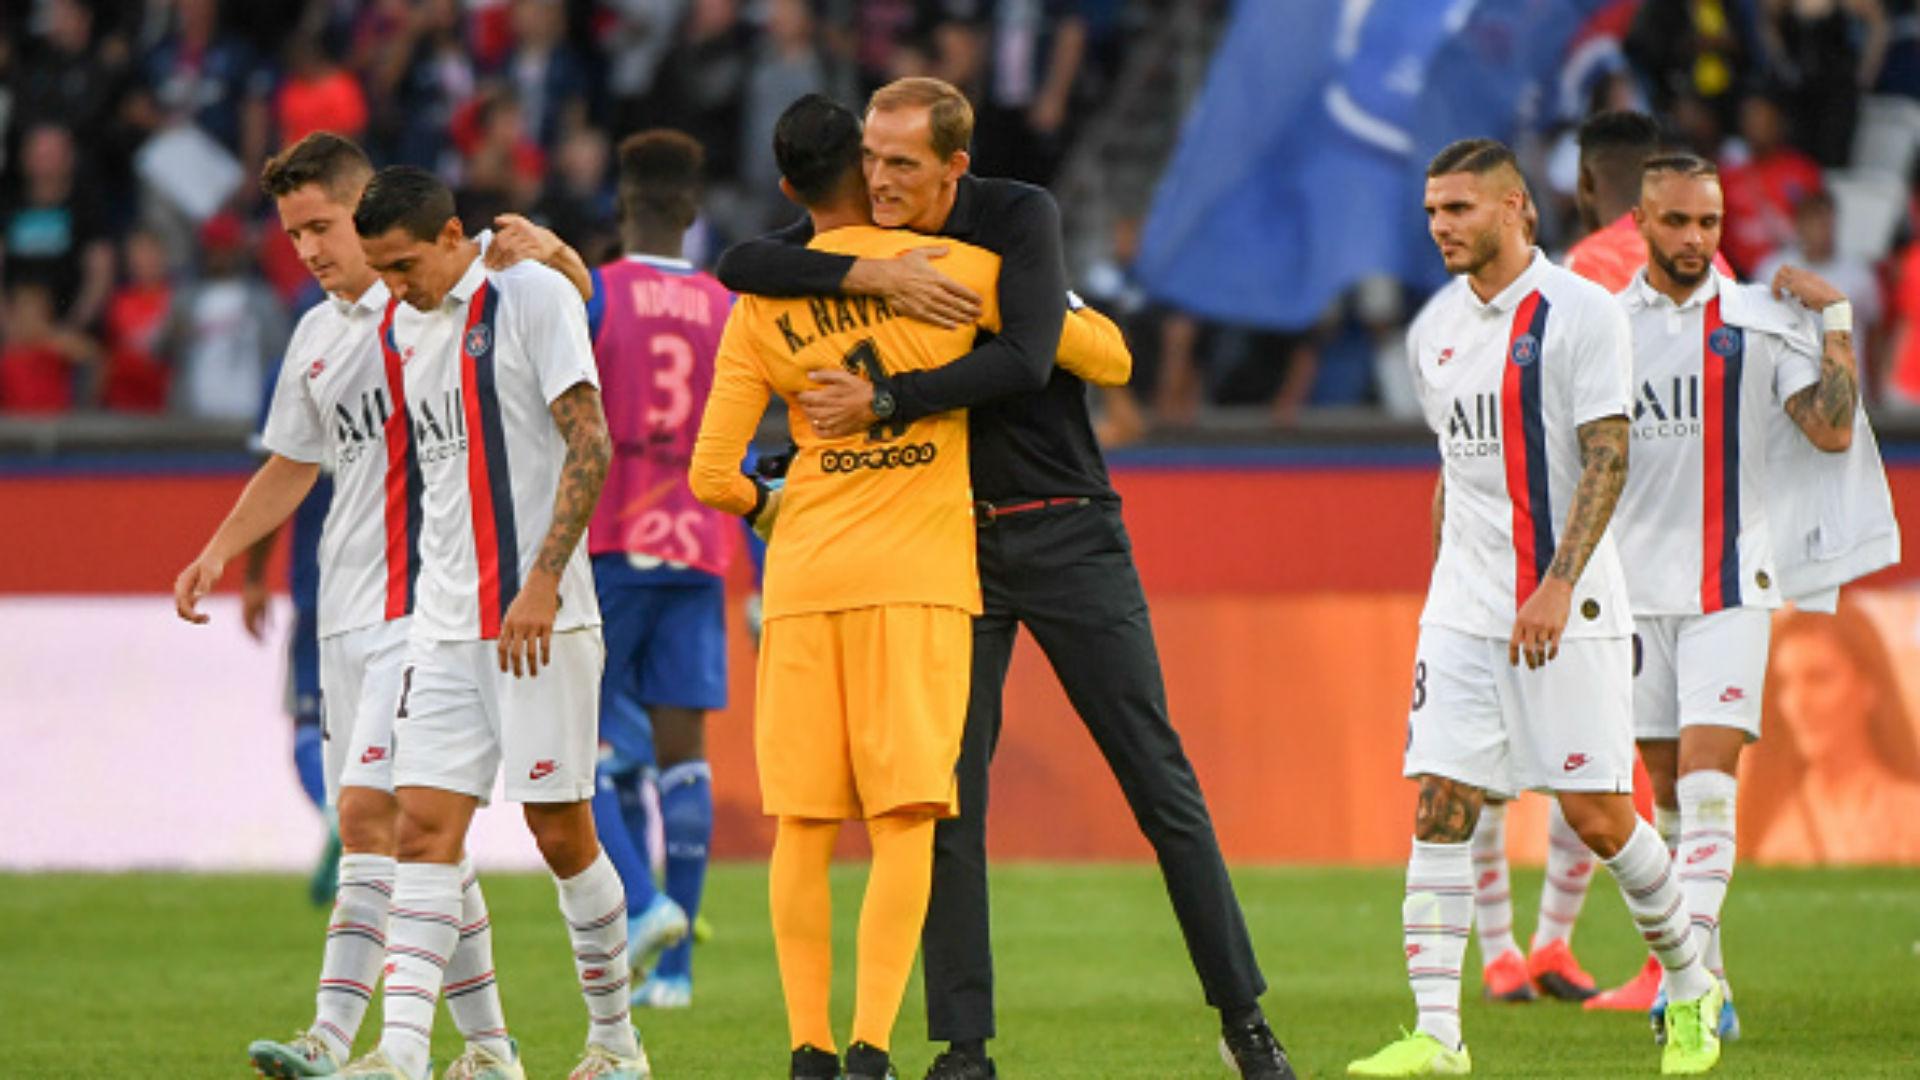 PSG - Thomas Tuchel donne deux jours de repos avant le choc face au Real Madrid